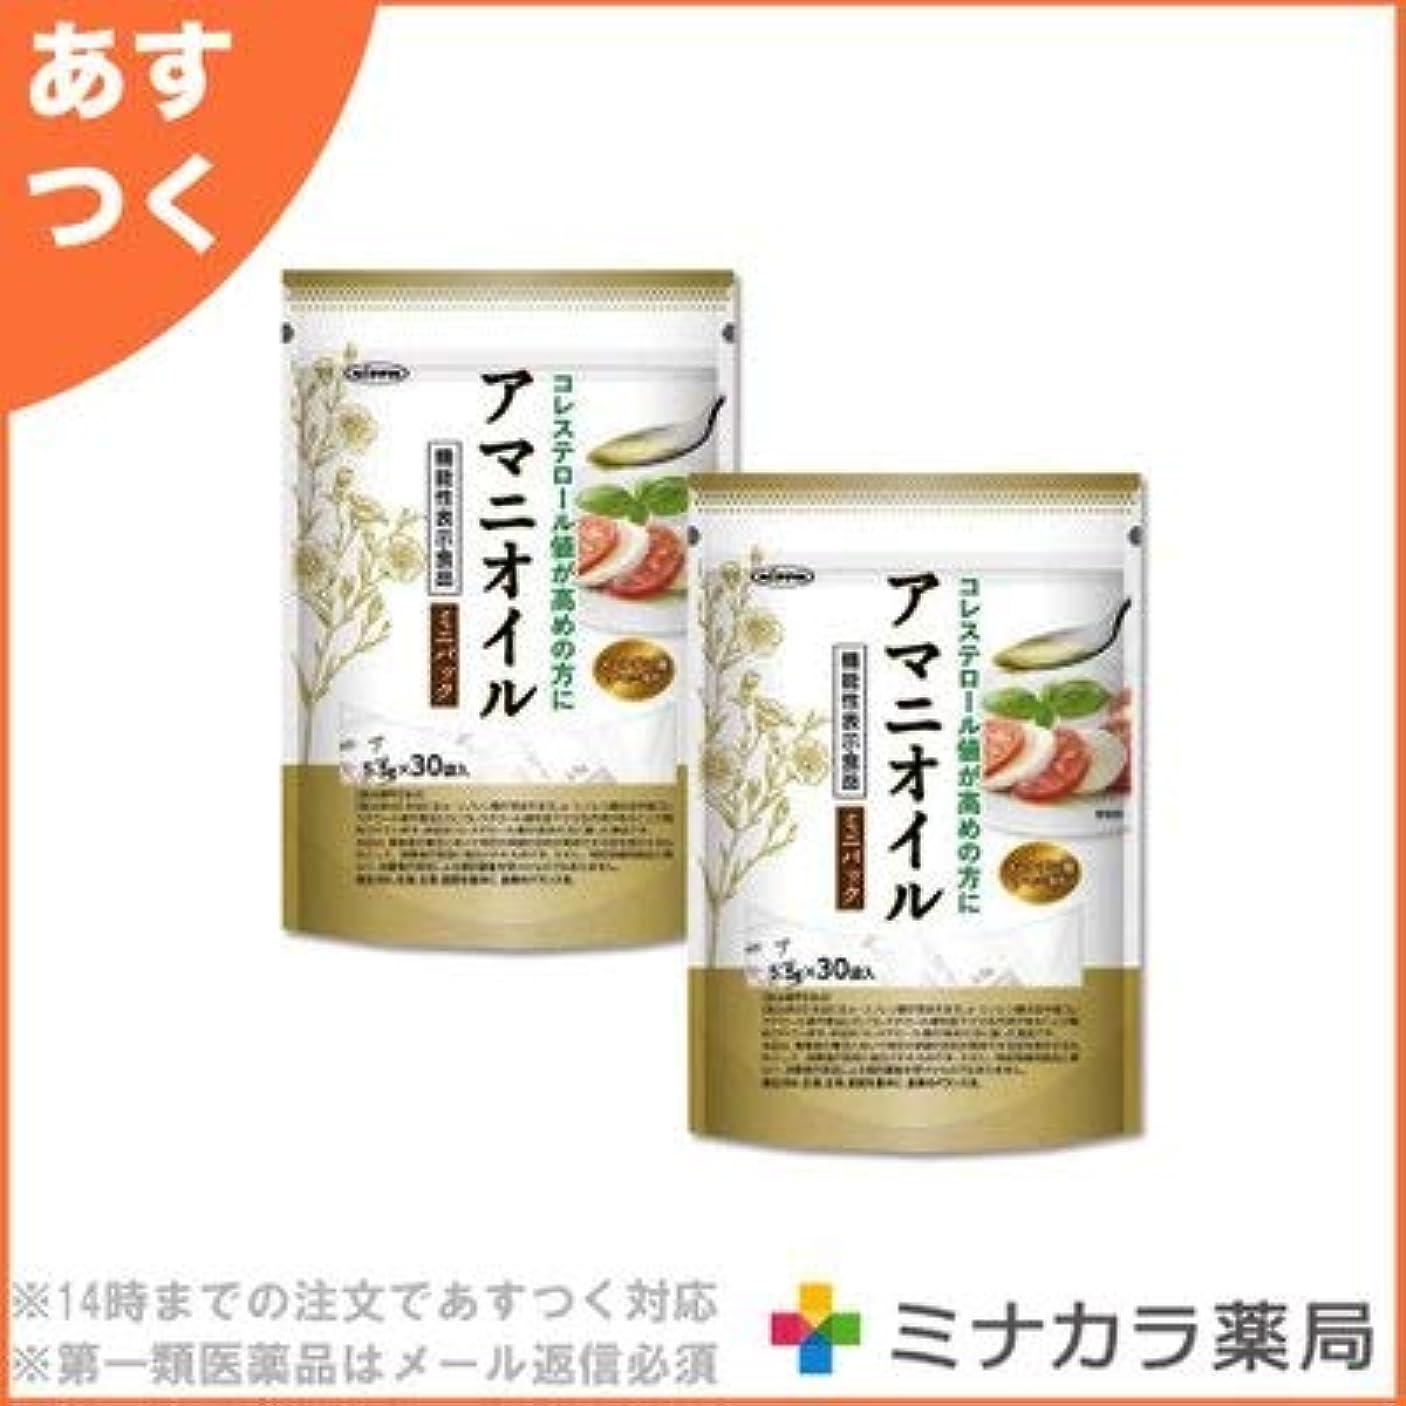 アドバイスジャンル農民日本製粉 アマニオイル ミニパック 5.5g×30 (機能性表示食品)×2個セット